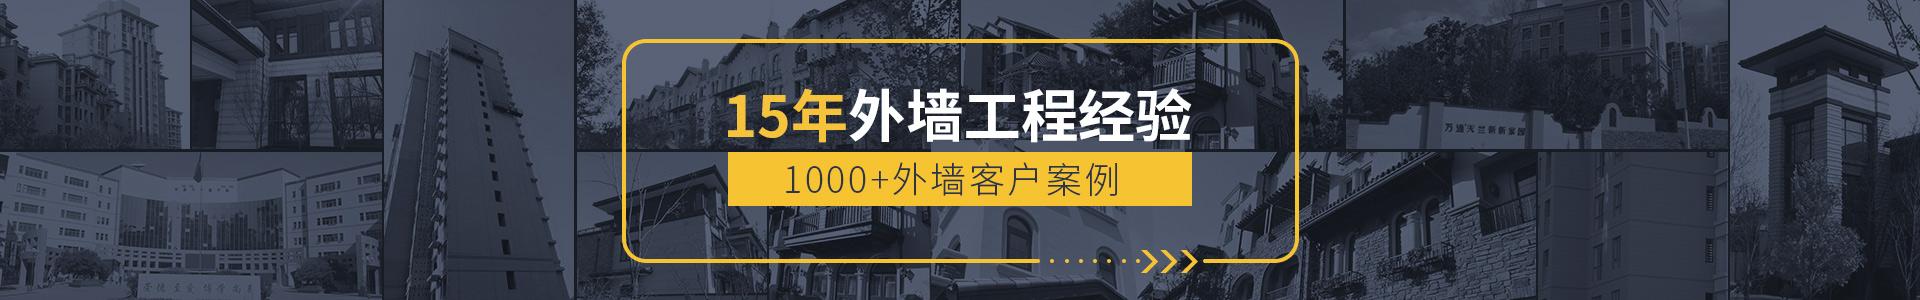 15年外墙工程经验,1000+外墙客户案例